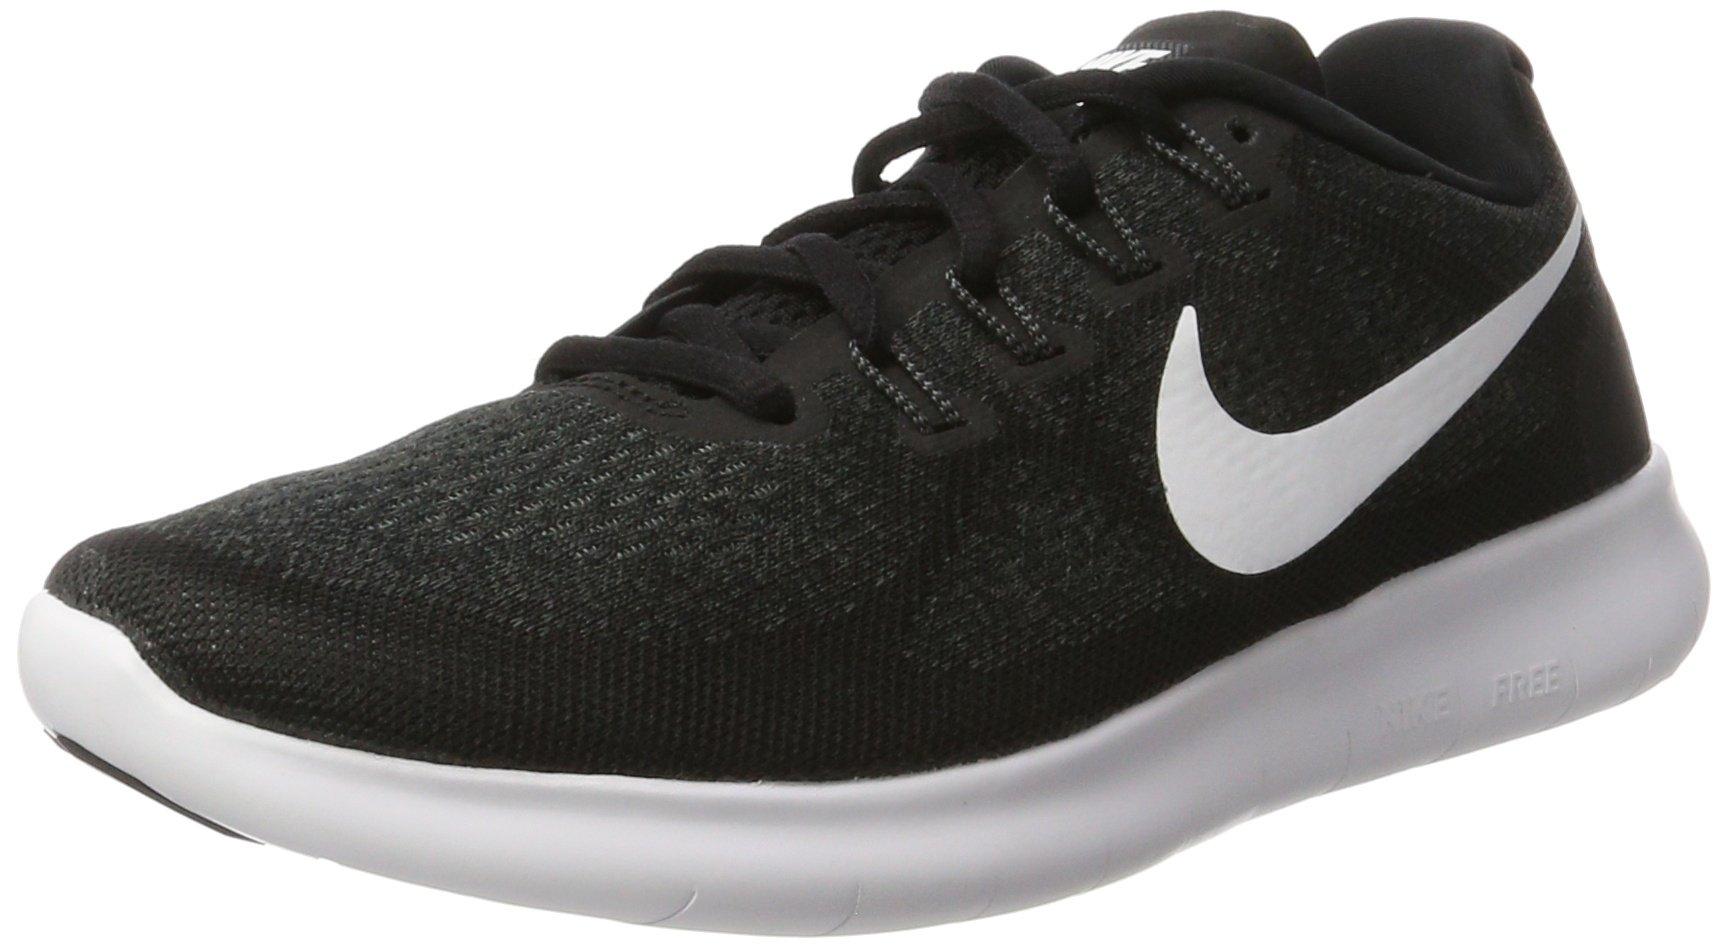 Nike Men's Free RN 2017 Running Shoe Black/White/Dark Grey/Anthracite Size 8 M US